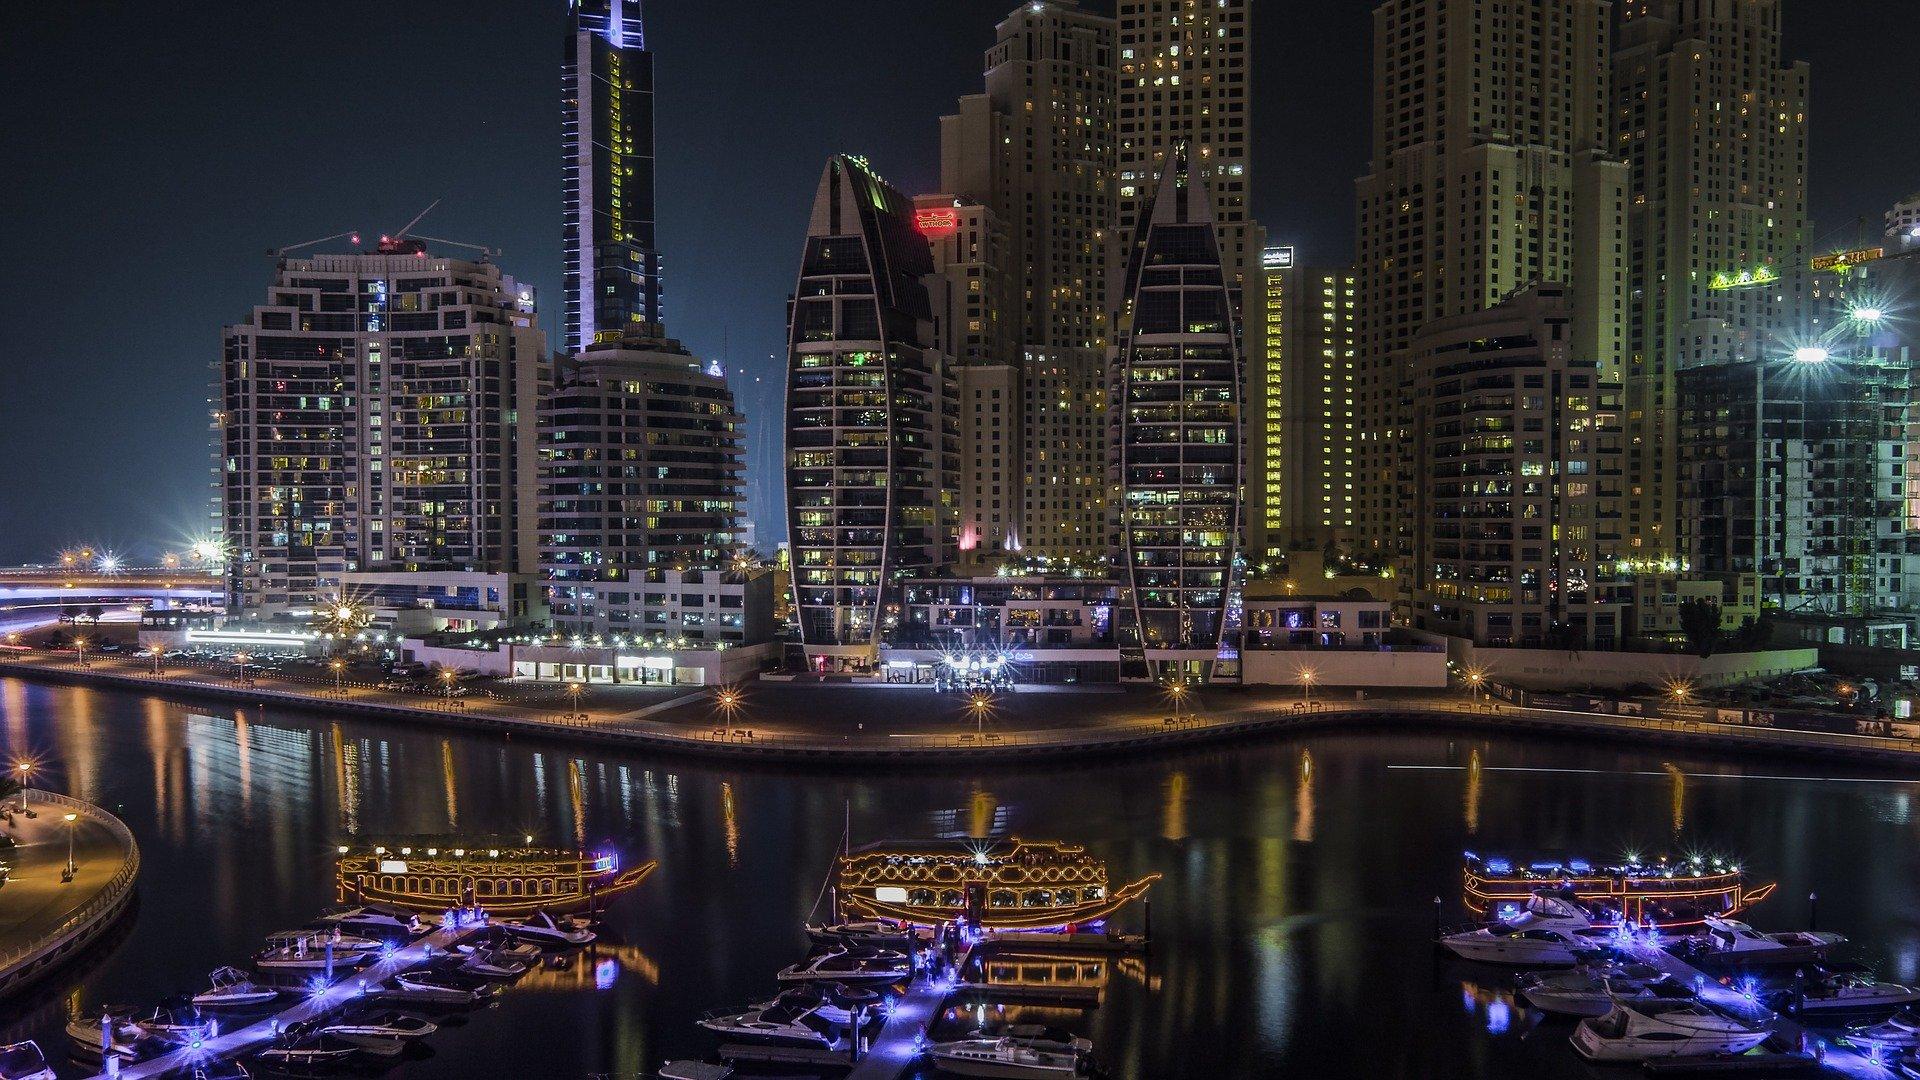 الإمارات UAE تؤكد أهمية تعزيز روح الفريق الواحد وتنمية المهارات